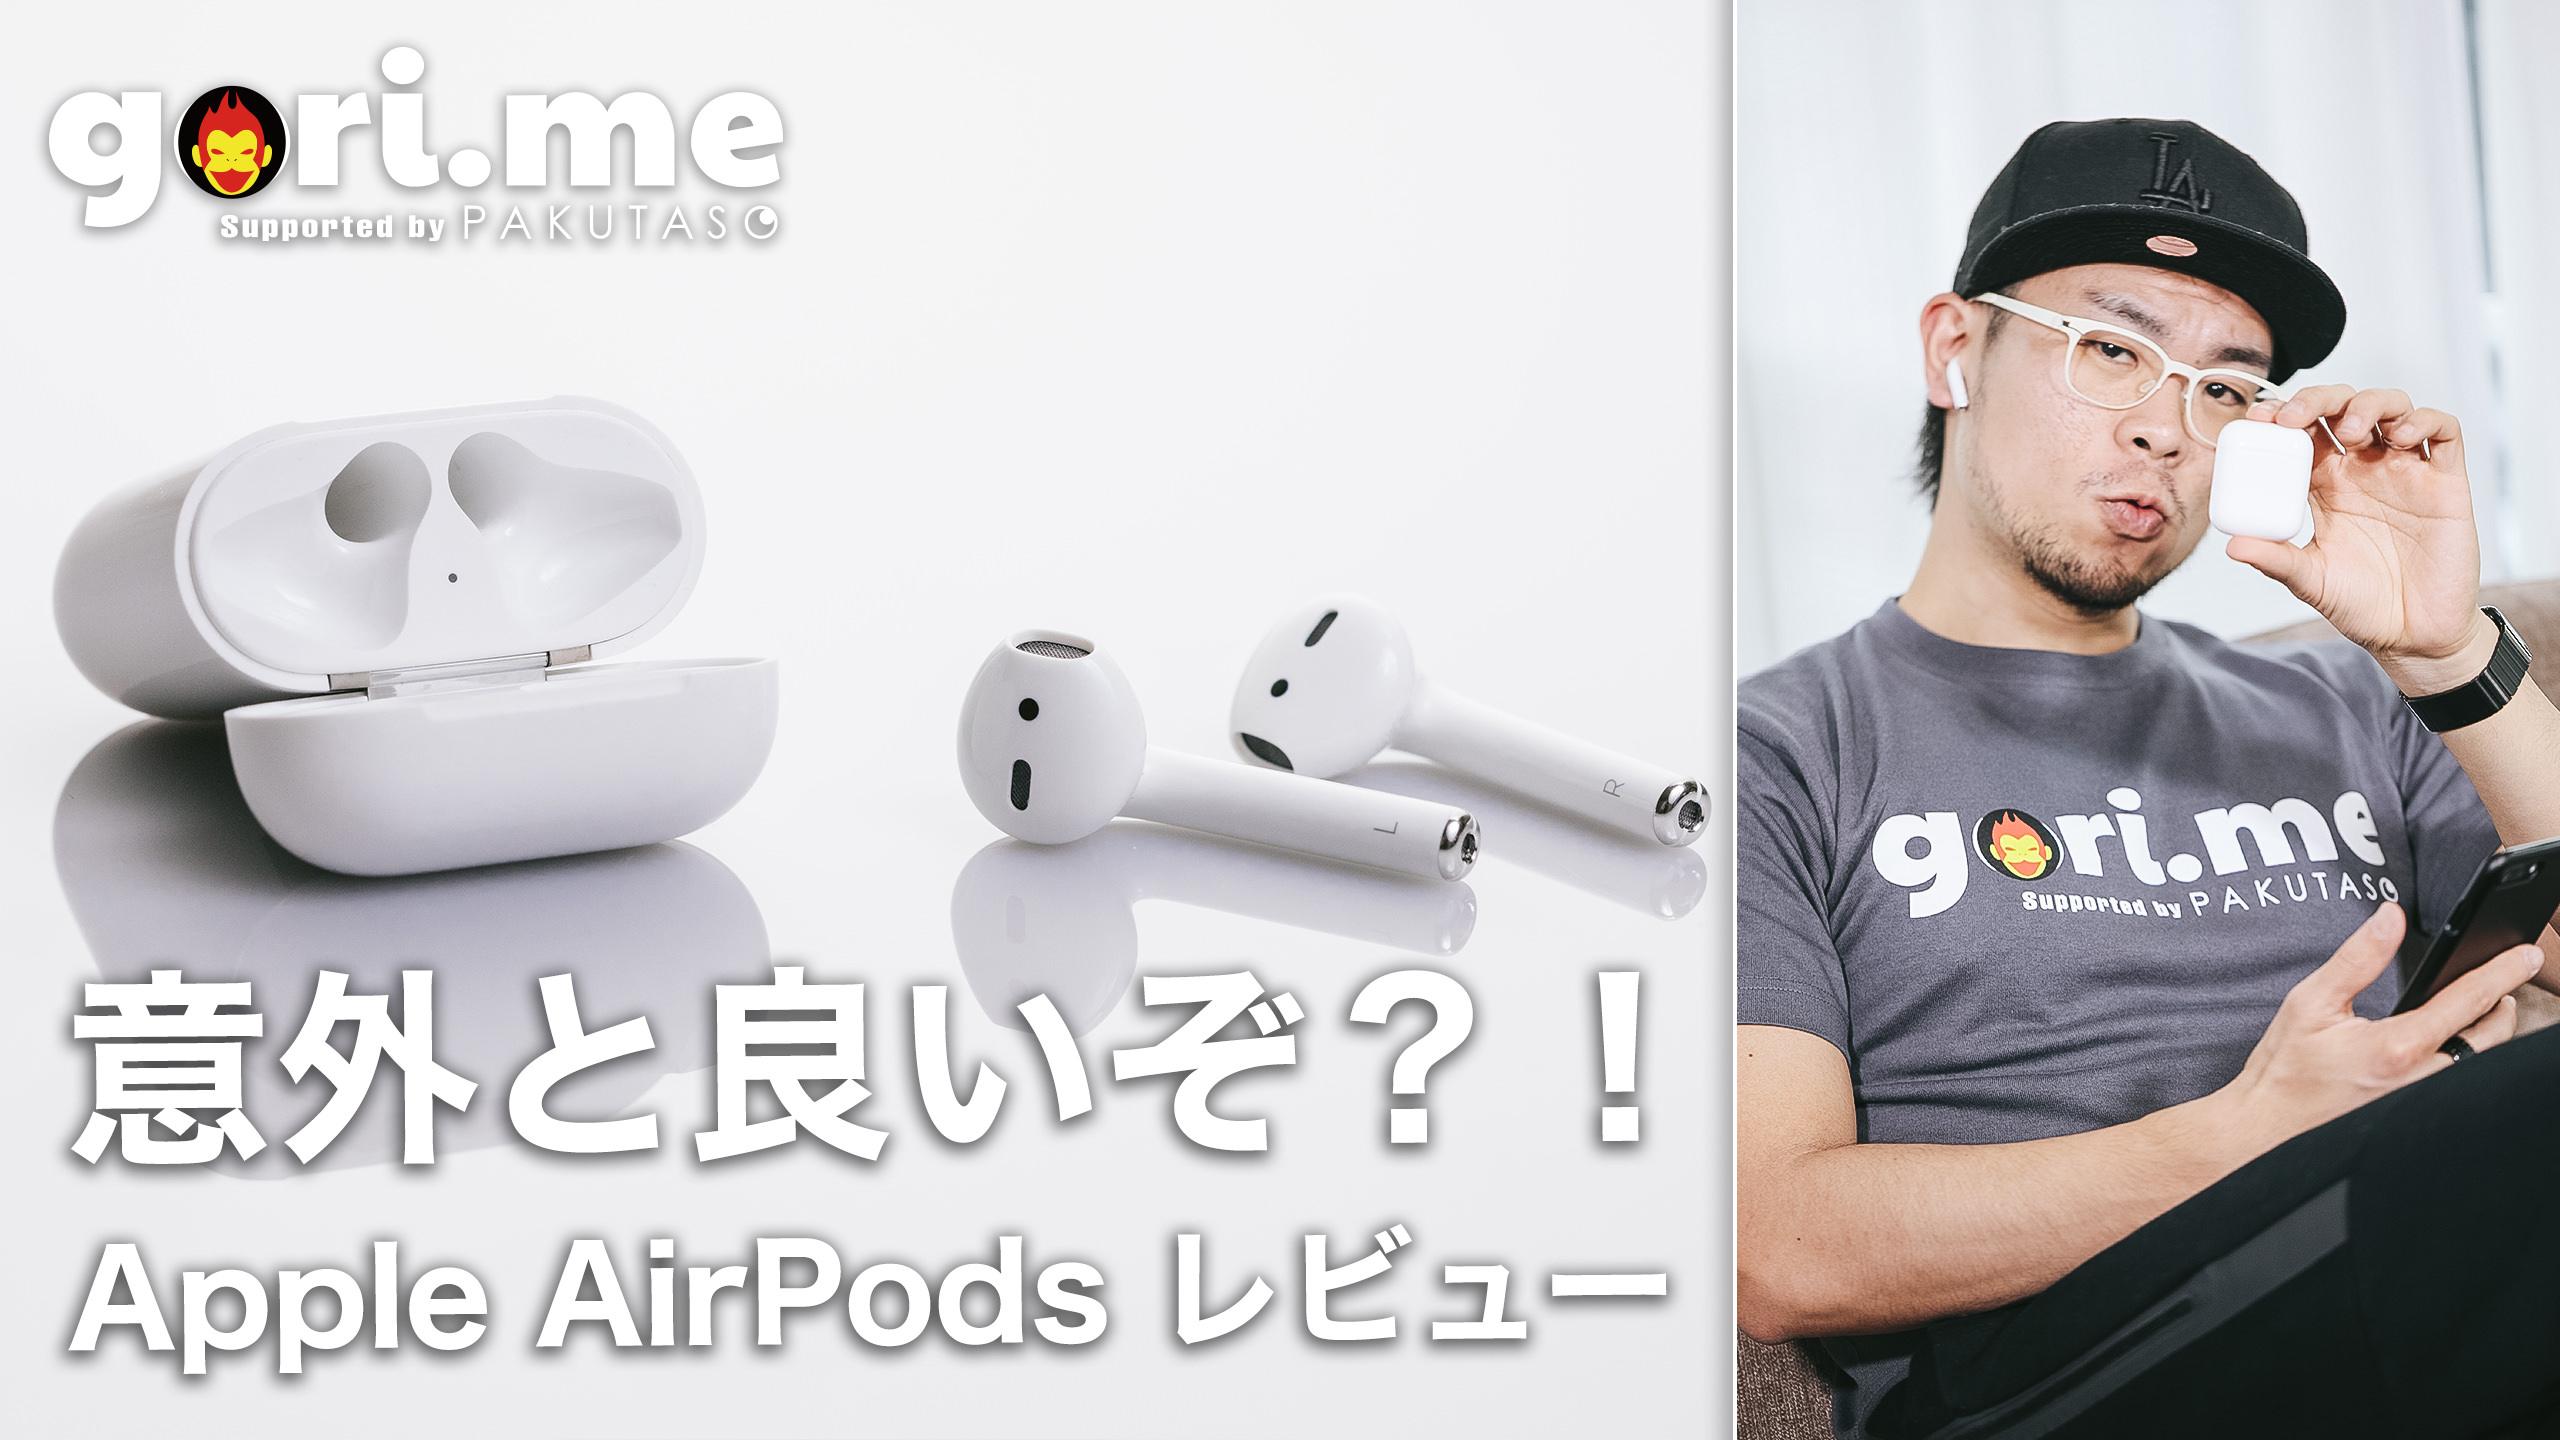 ヘドバンで首を痛めても落下しないイヤホン「AirPods」レビュー